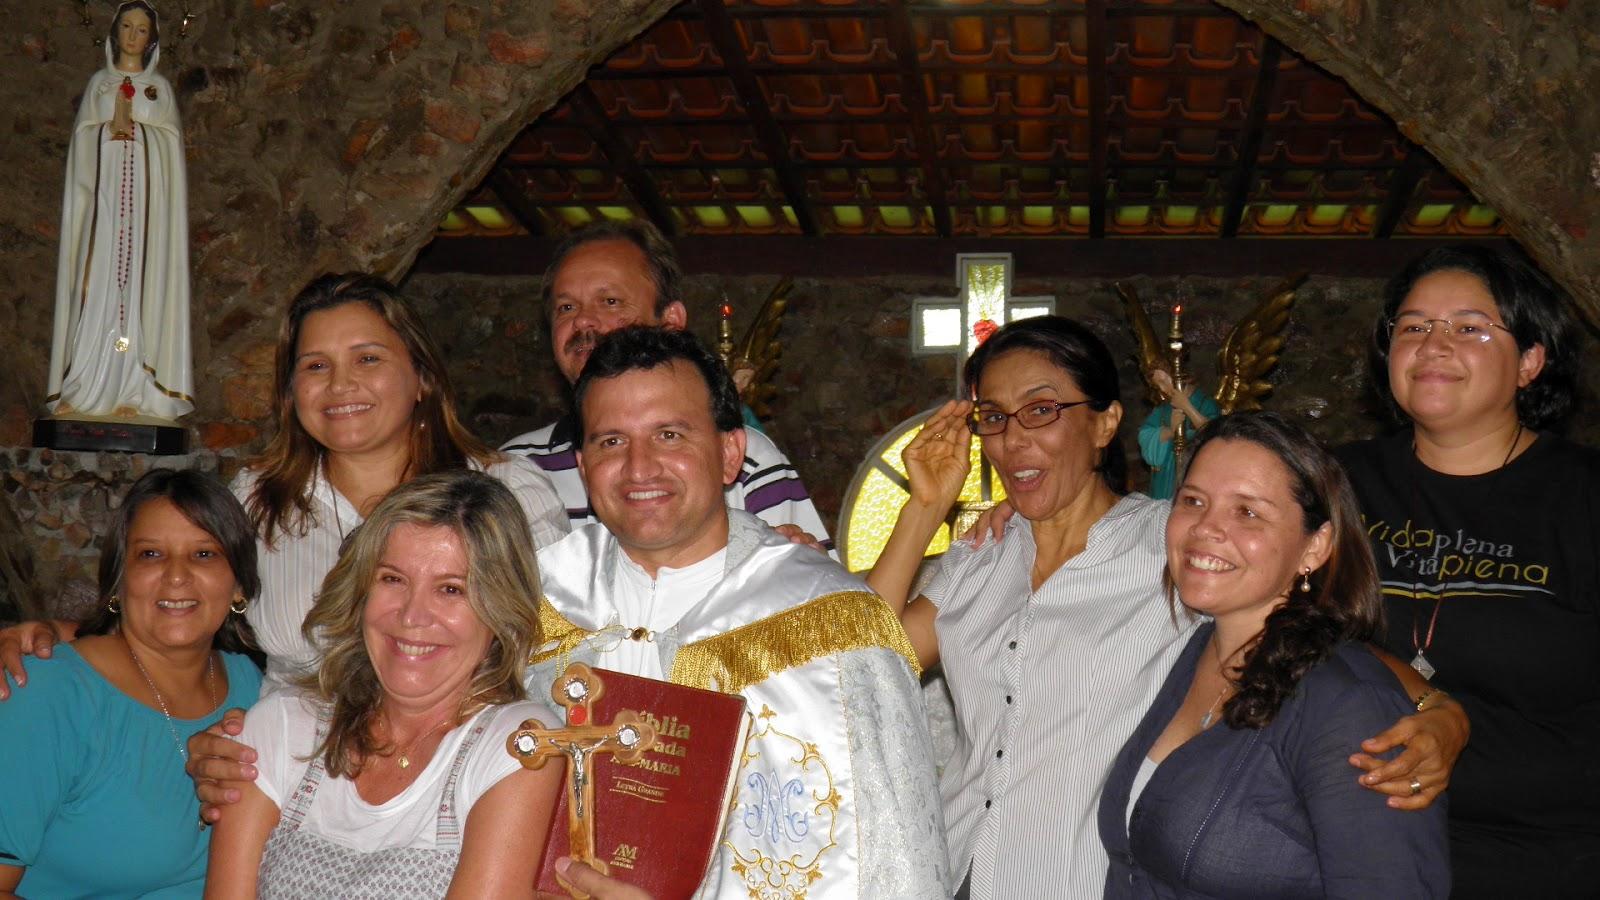 Fotos do Retiro de Carnaval e do II Cerco de Jericó 2012 da MEL de Deus.